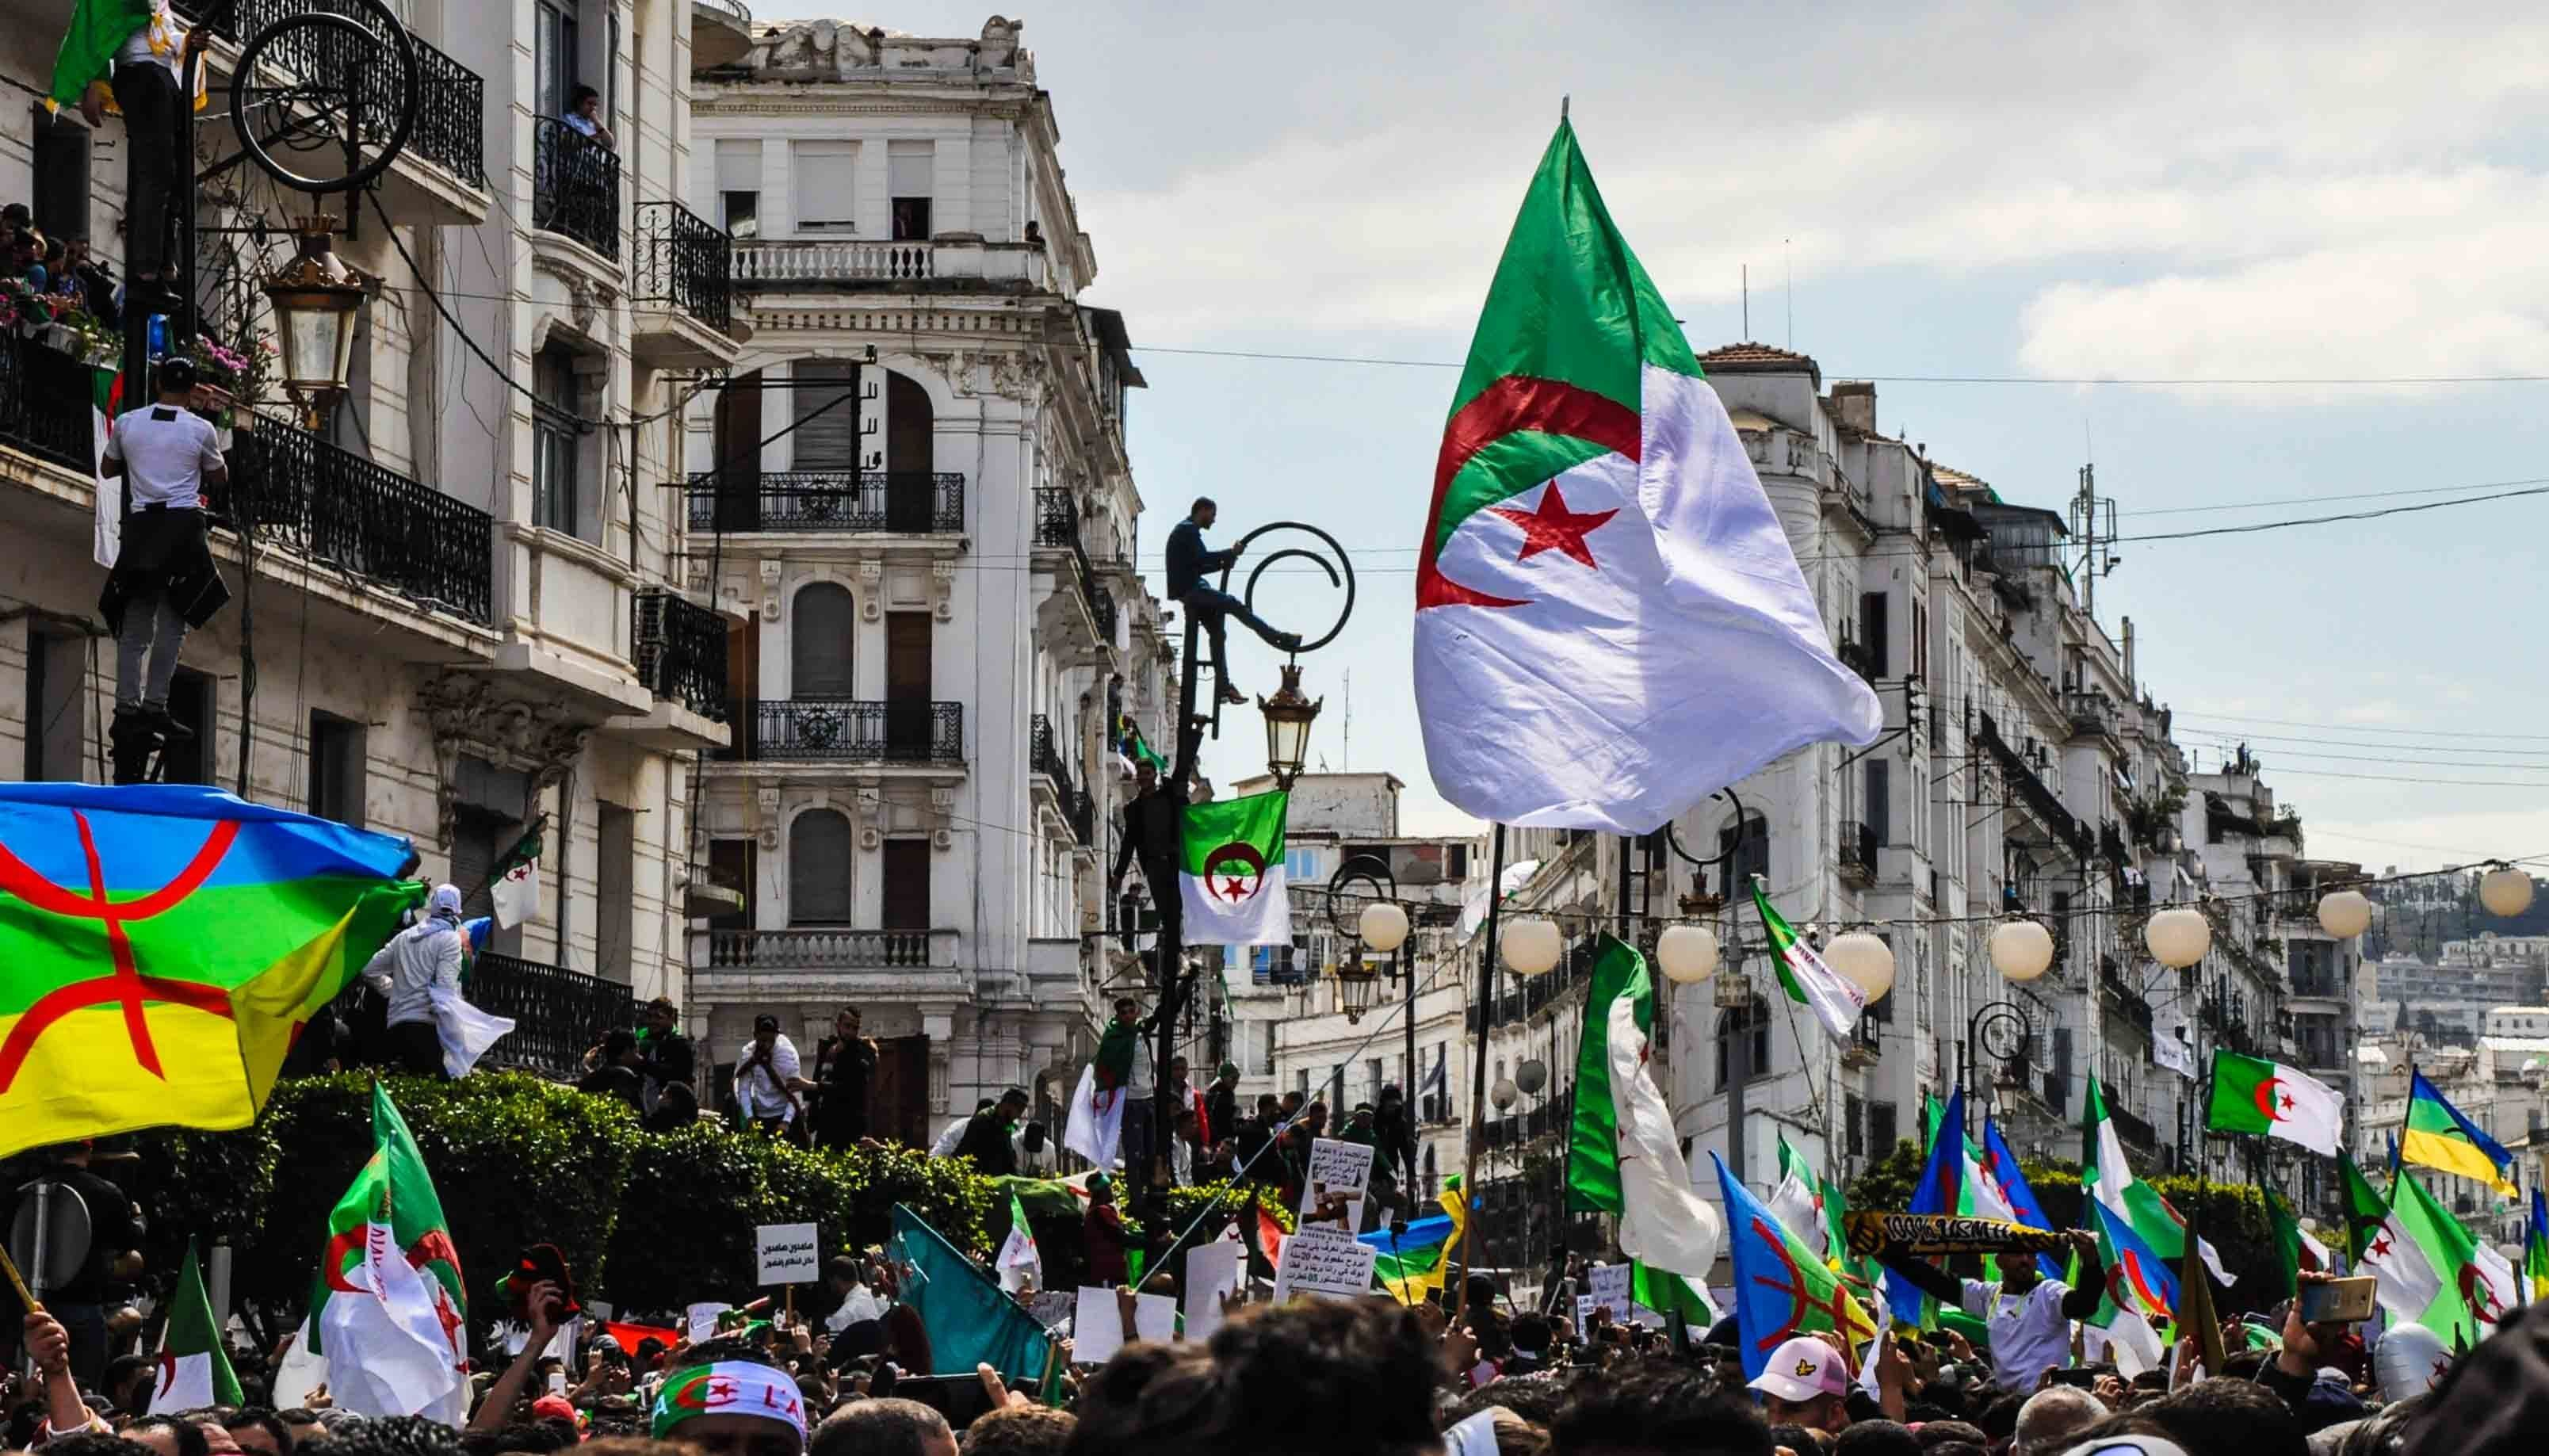 La manifestation du 5 avril par l'Objectif de Ahmed